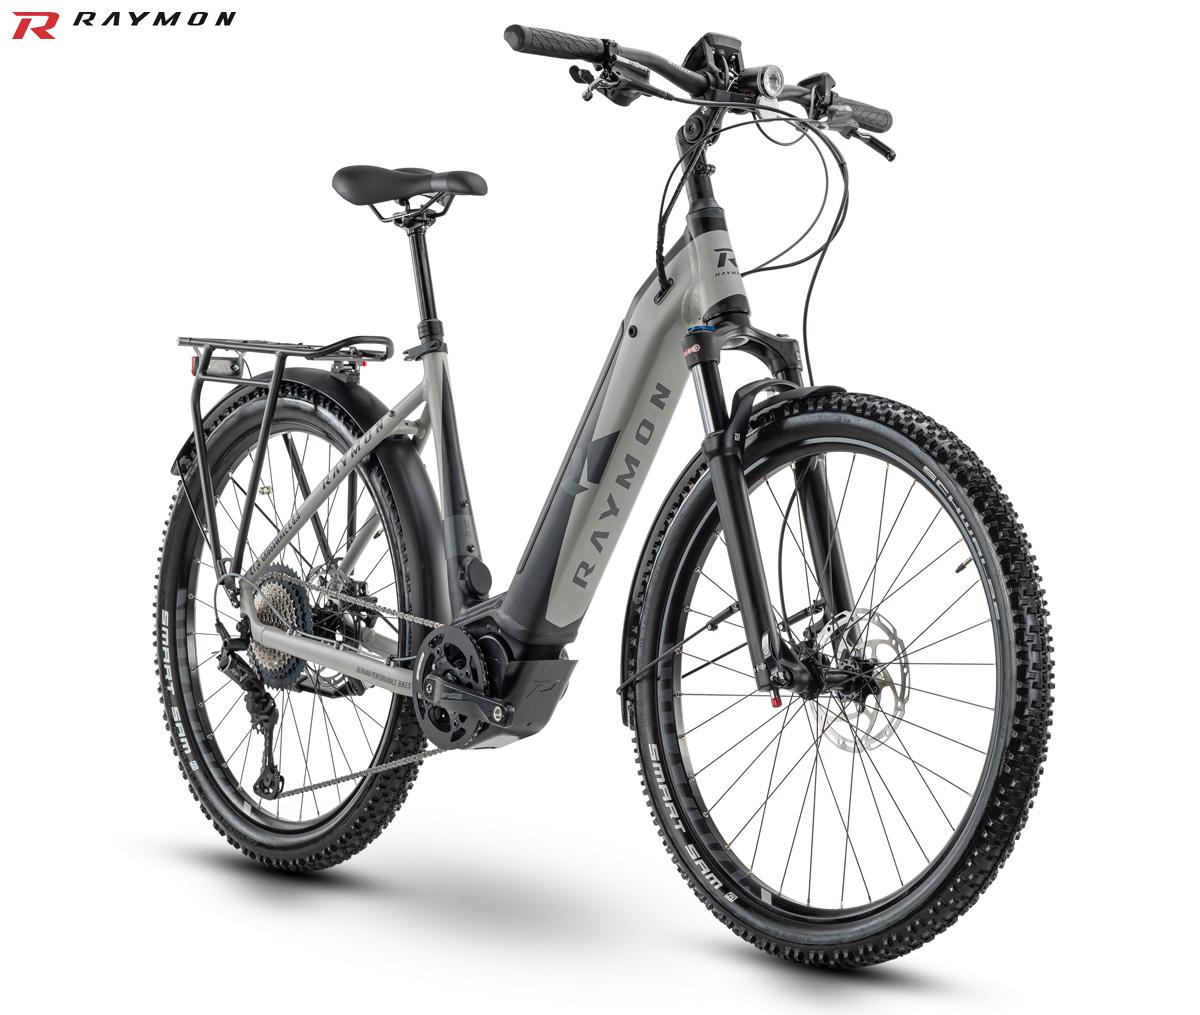 Una bici elettrica da trekking R Raymon CrossRay E 8.5 Street dal catalogo 2020